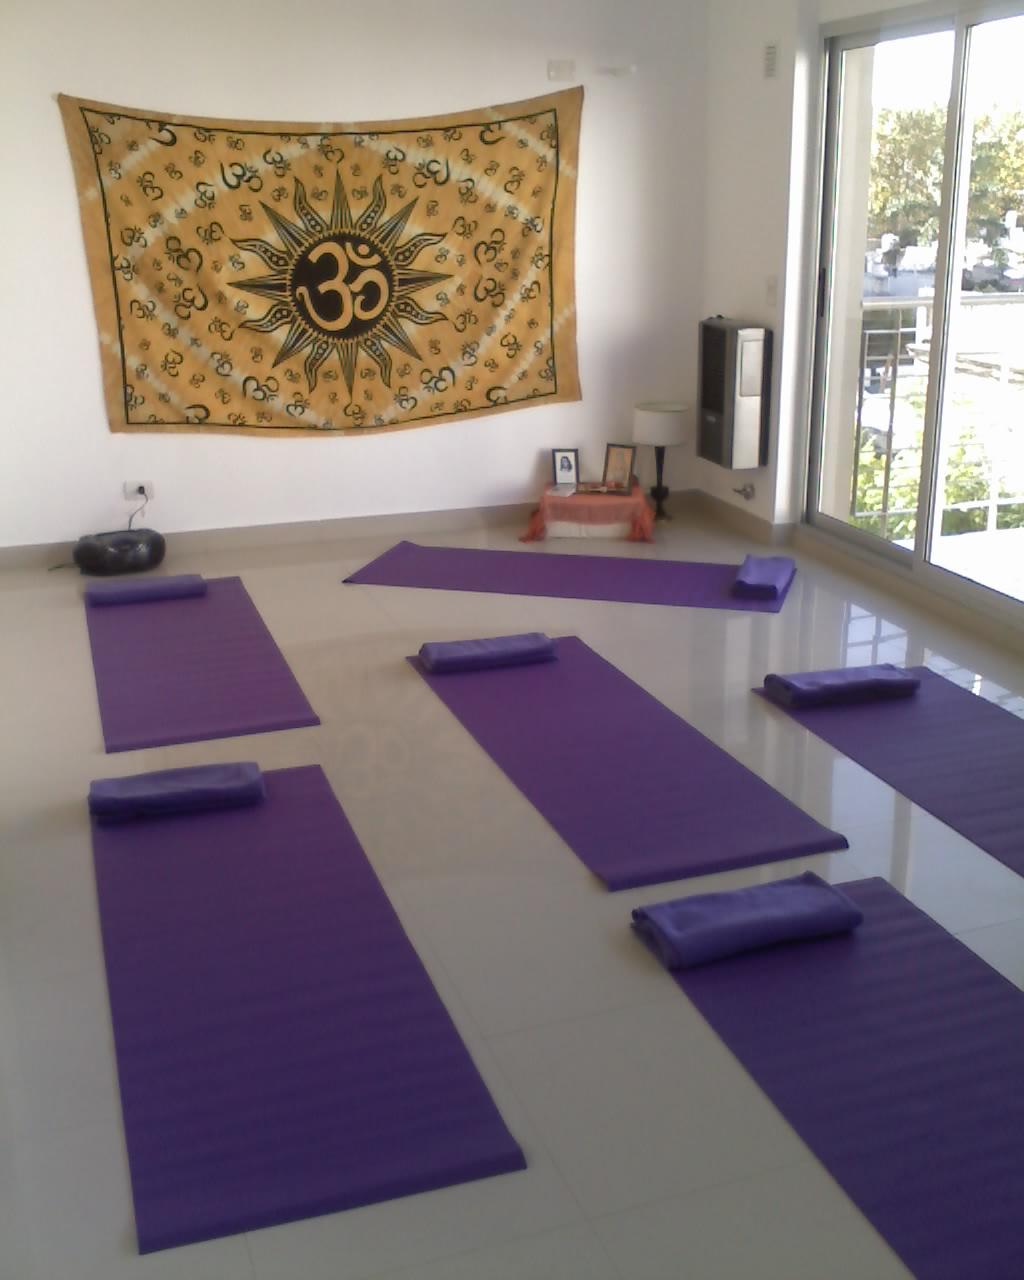 Nuevo espacio para la pr ctica antarvani yoga - Espacio para el yoga ...